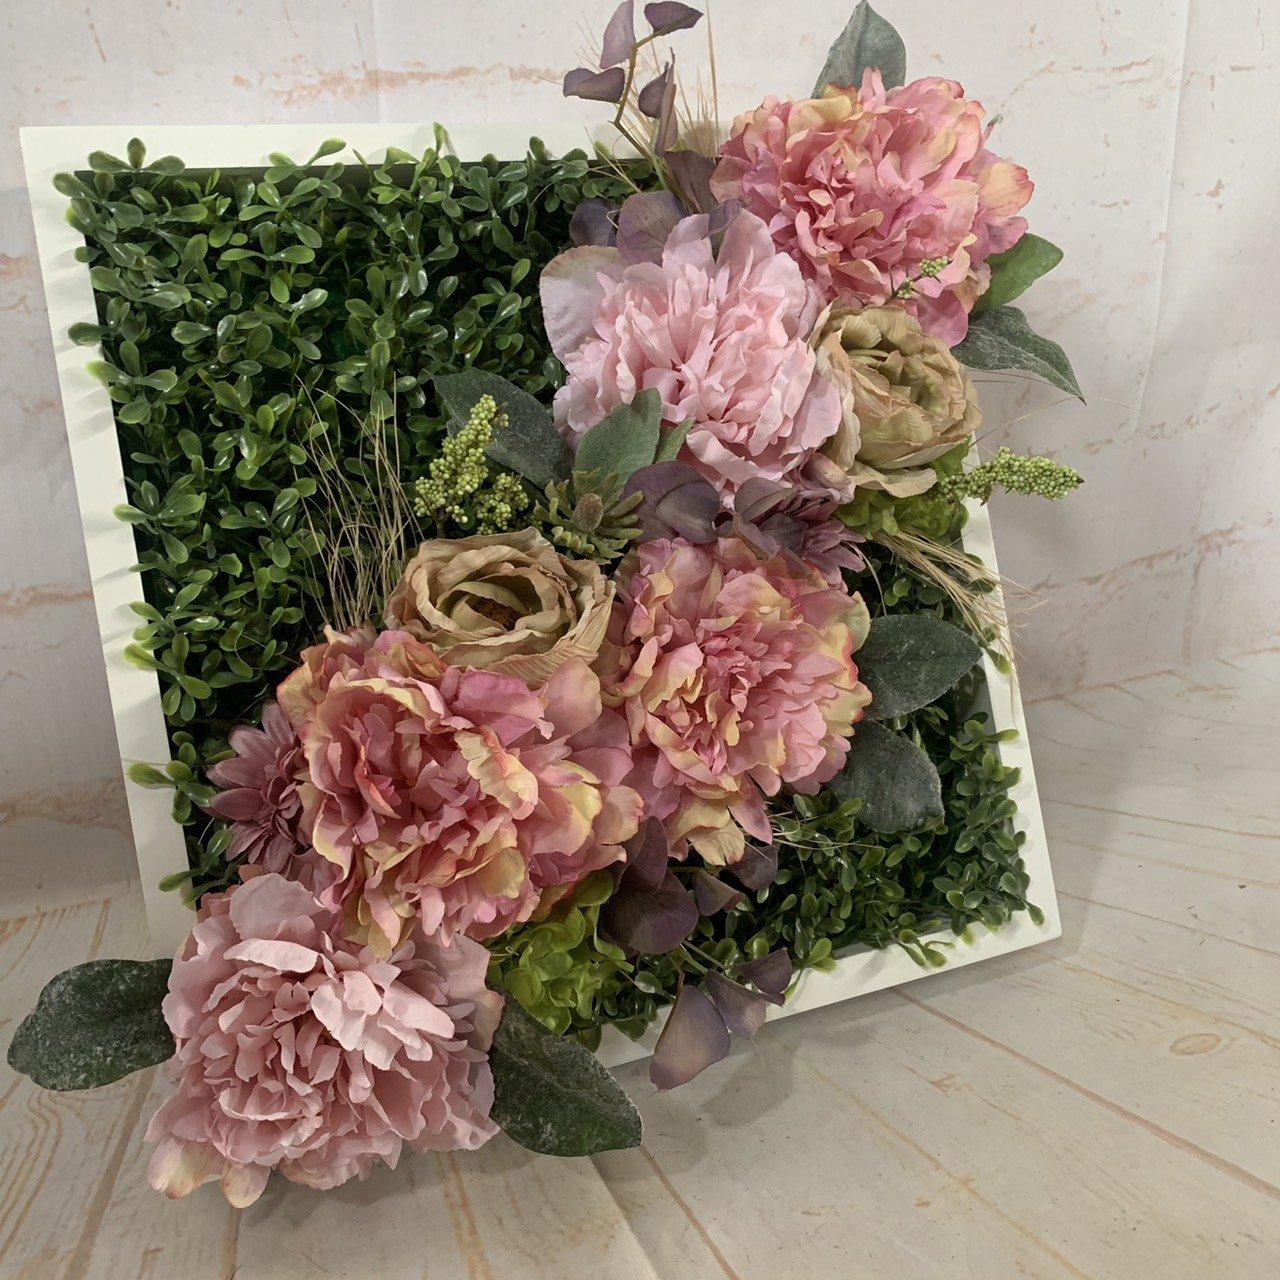 【ひまわり整骨院様専用】《壁掛けお祝い花》のイメージその1